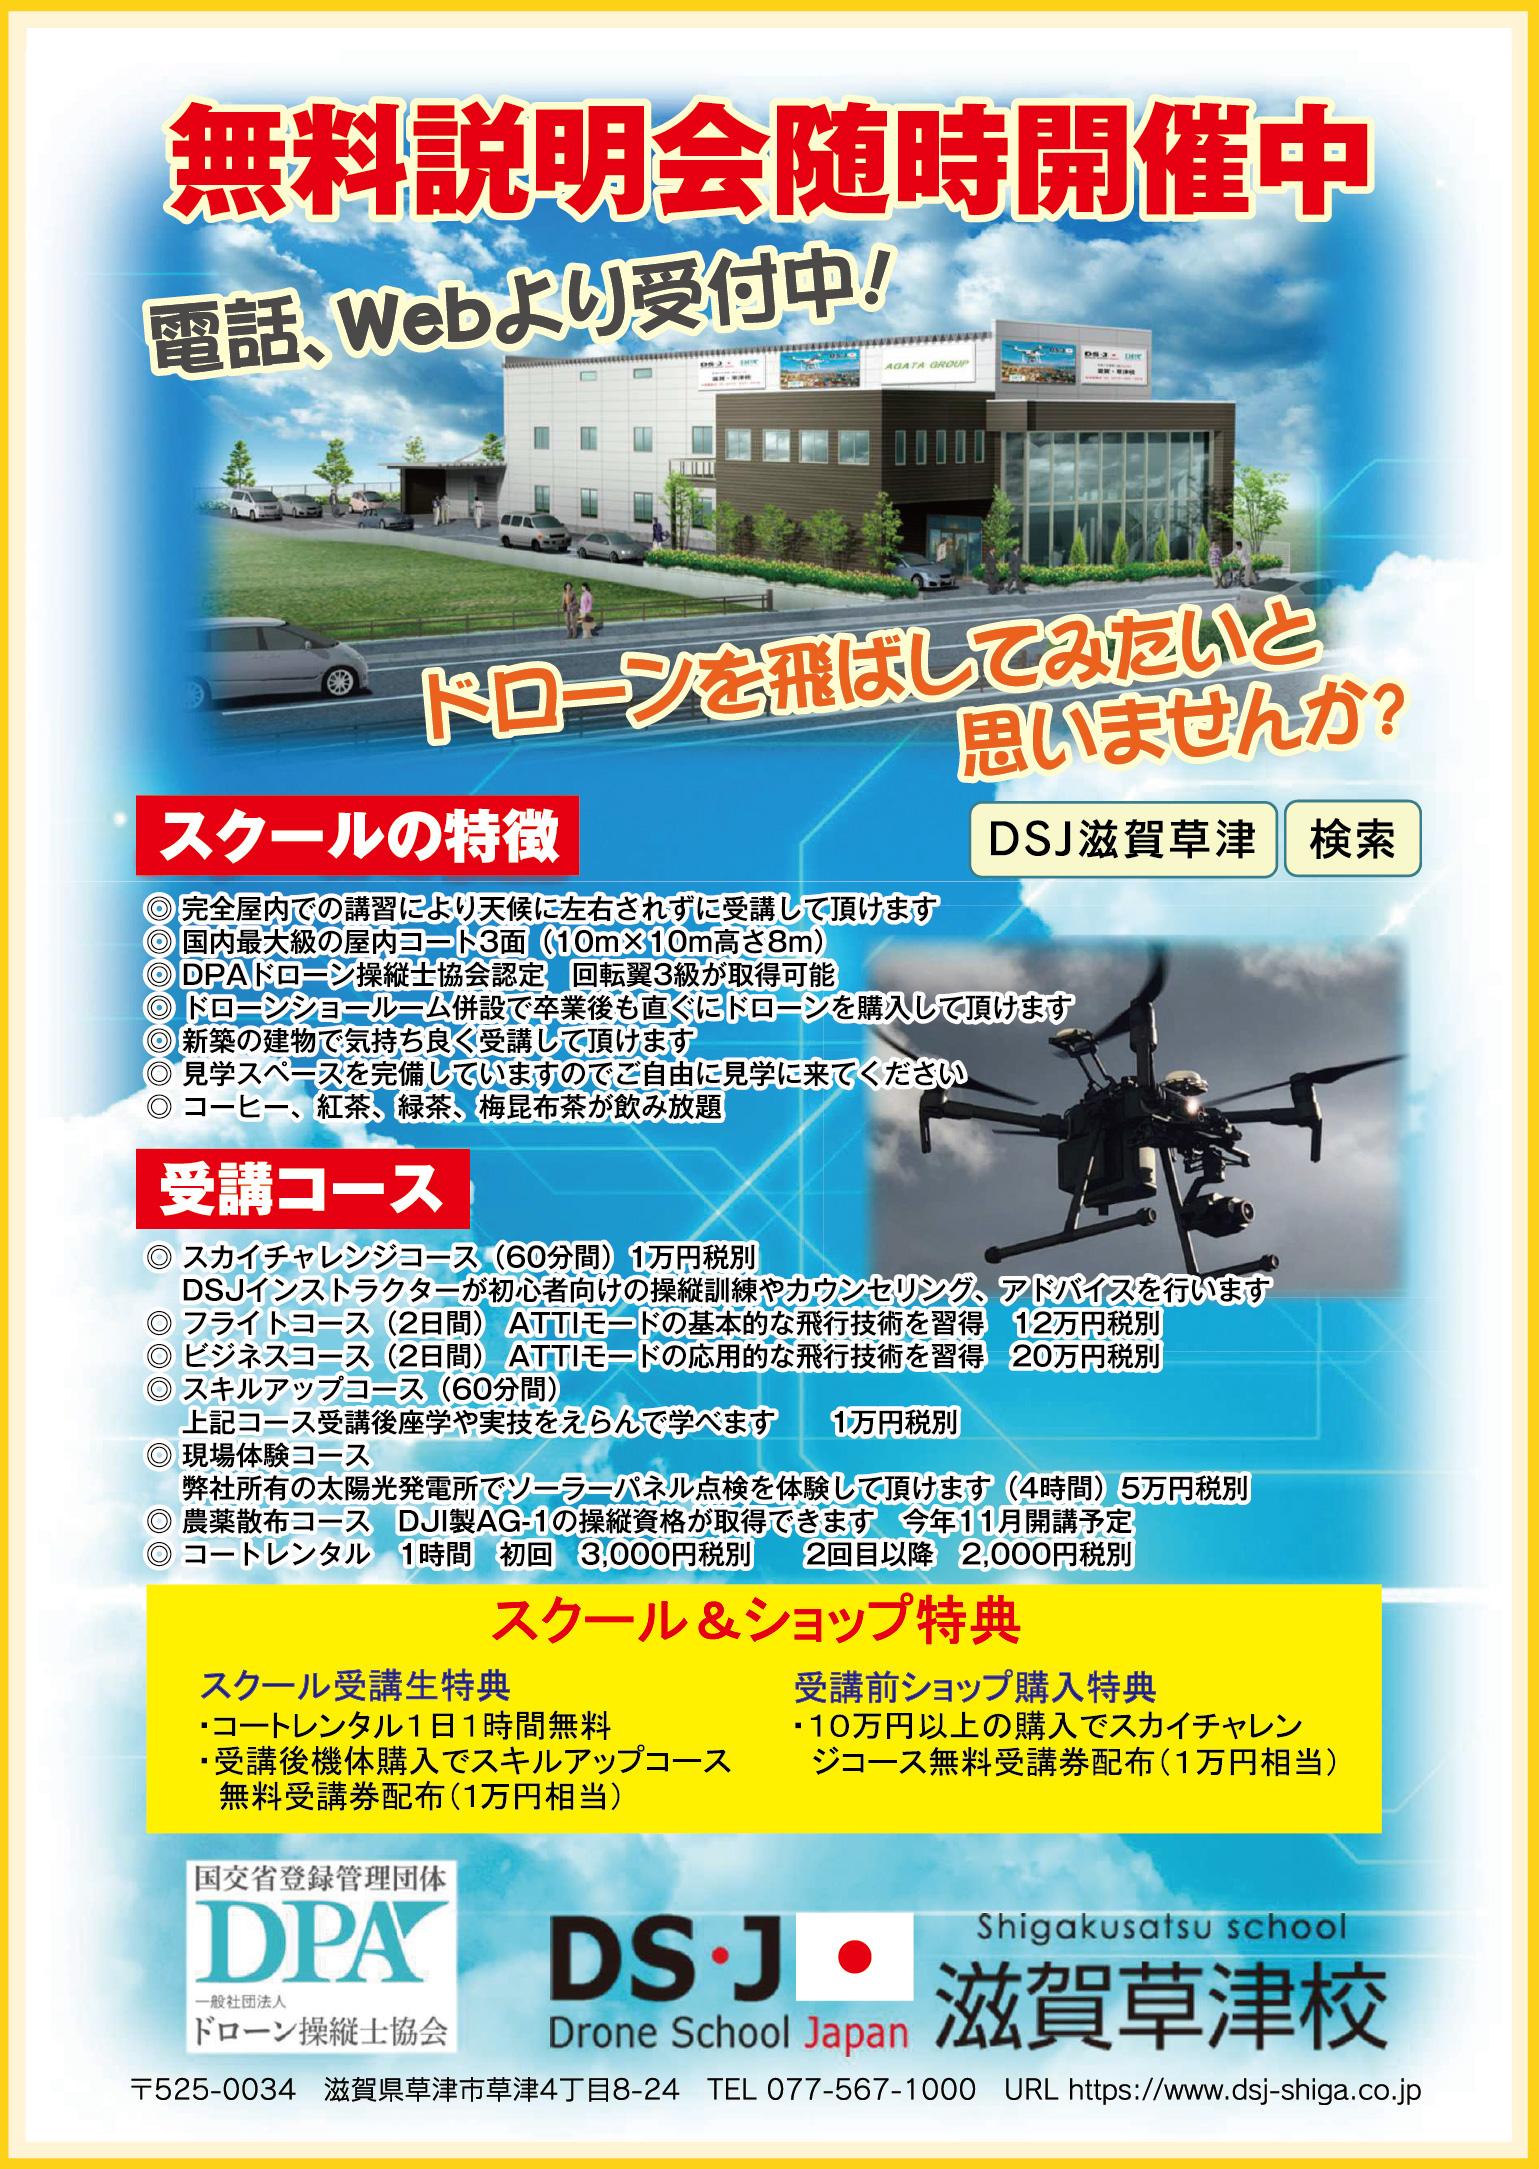 DSJ(ドローンスクールジャパン) 滋賀草津校